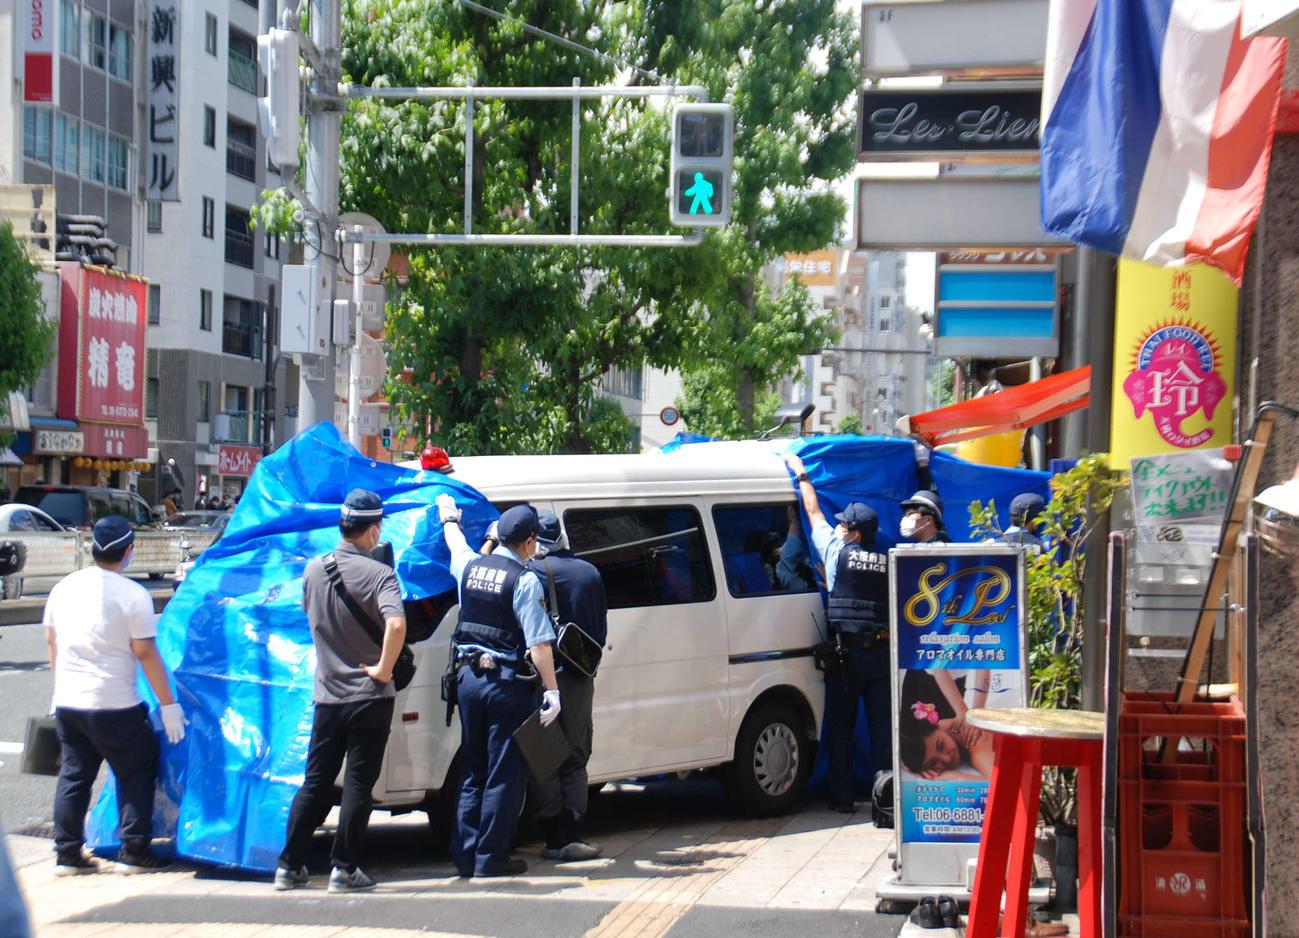 女性が倒れていたビルの前の捜査車両を青いシートで覆う大阪府警の捜査員ら(撮影・松浦隆司)